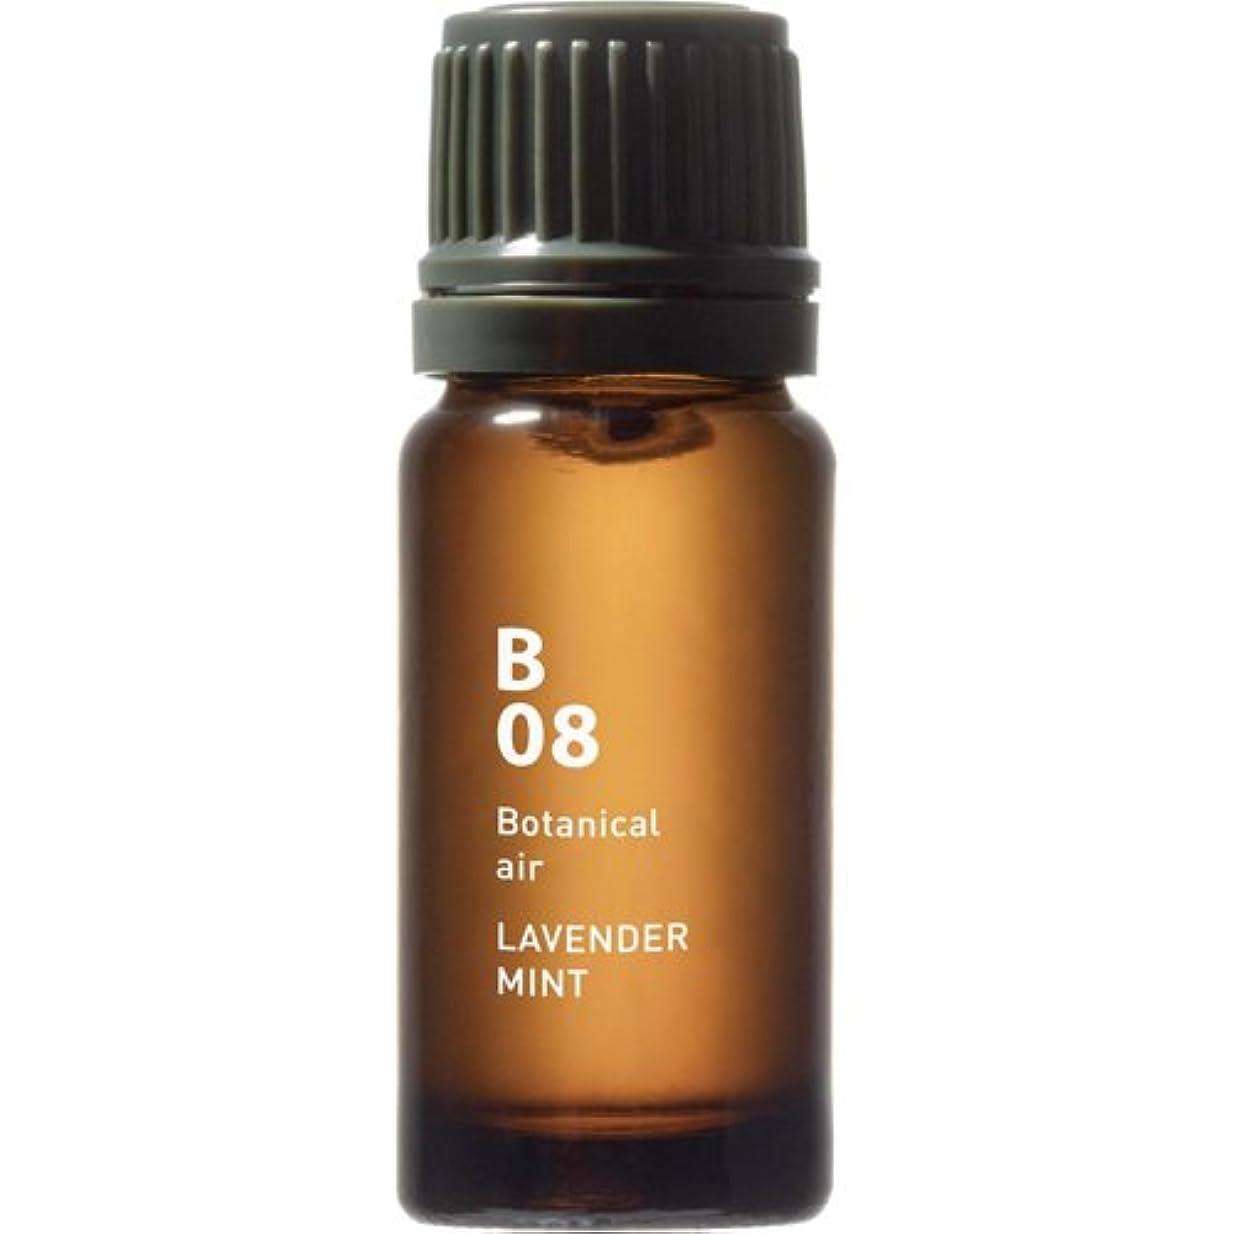 価値小包融合B08 ラベンダーミント Botanical air(ボタニカルエアー) 10ml